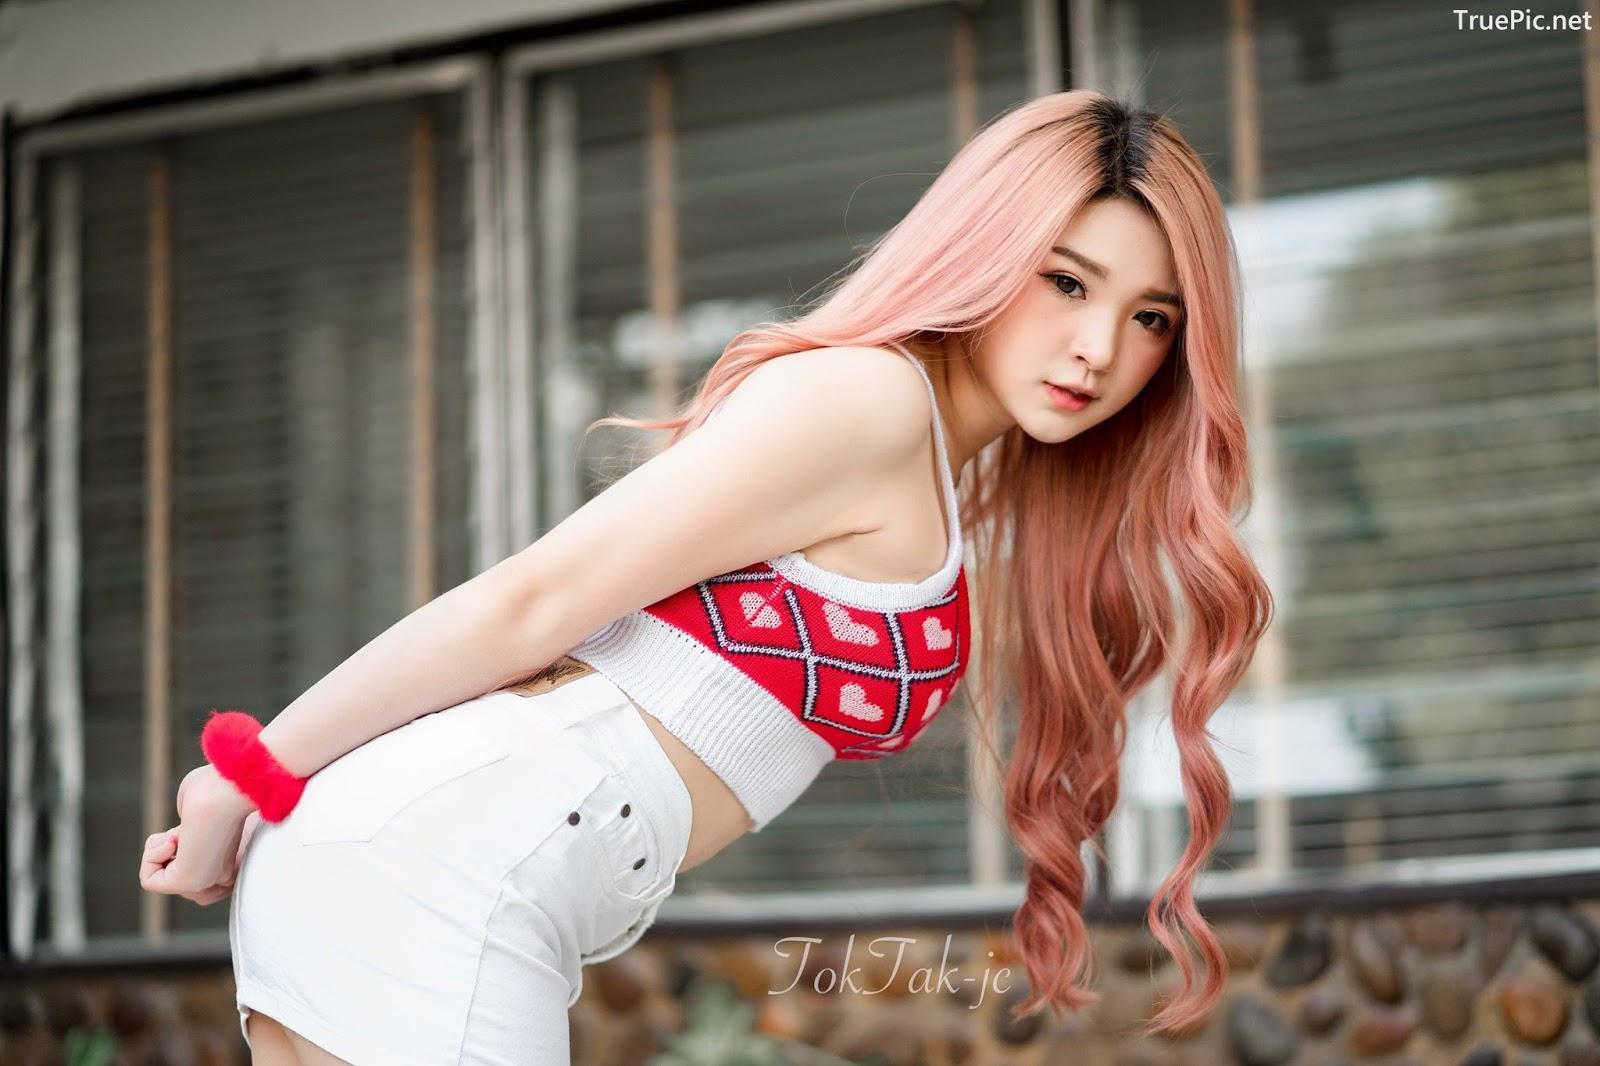 Image Thailand Model - JaJaa Zarinyap - Crop Top and Sort Pants - TruePic.net - Picture-7